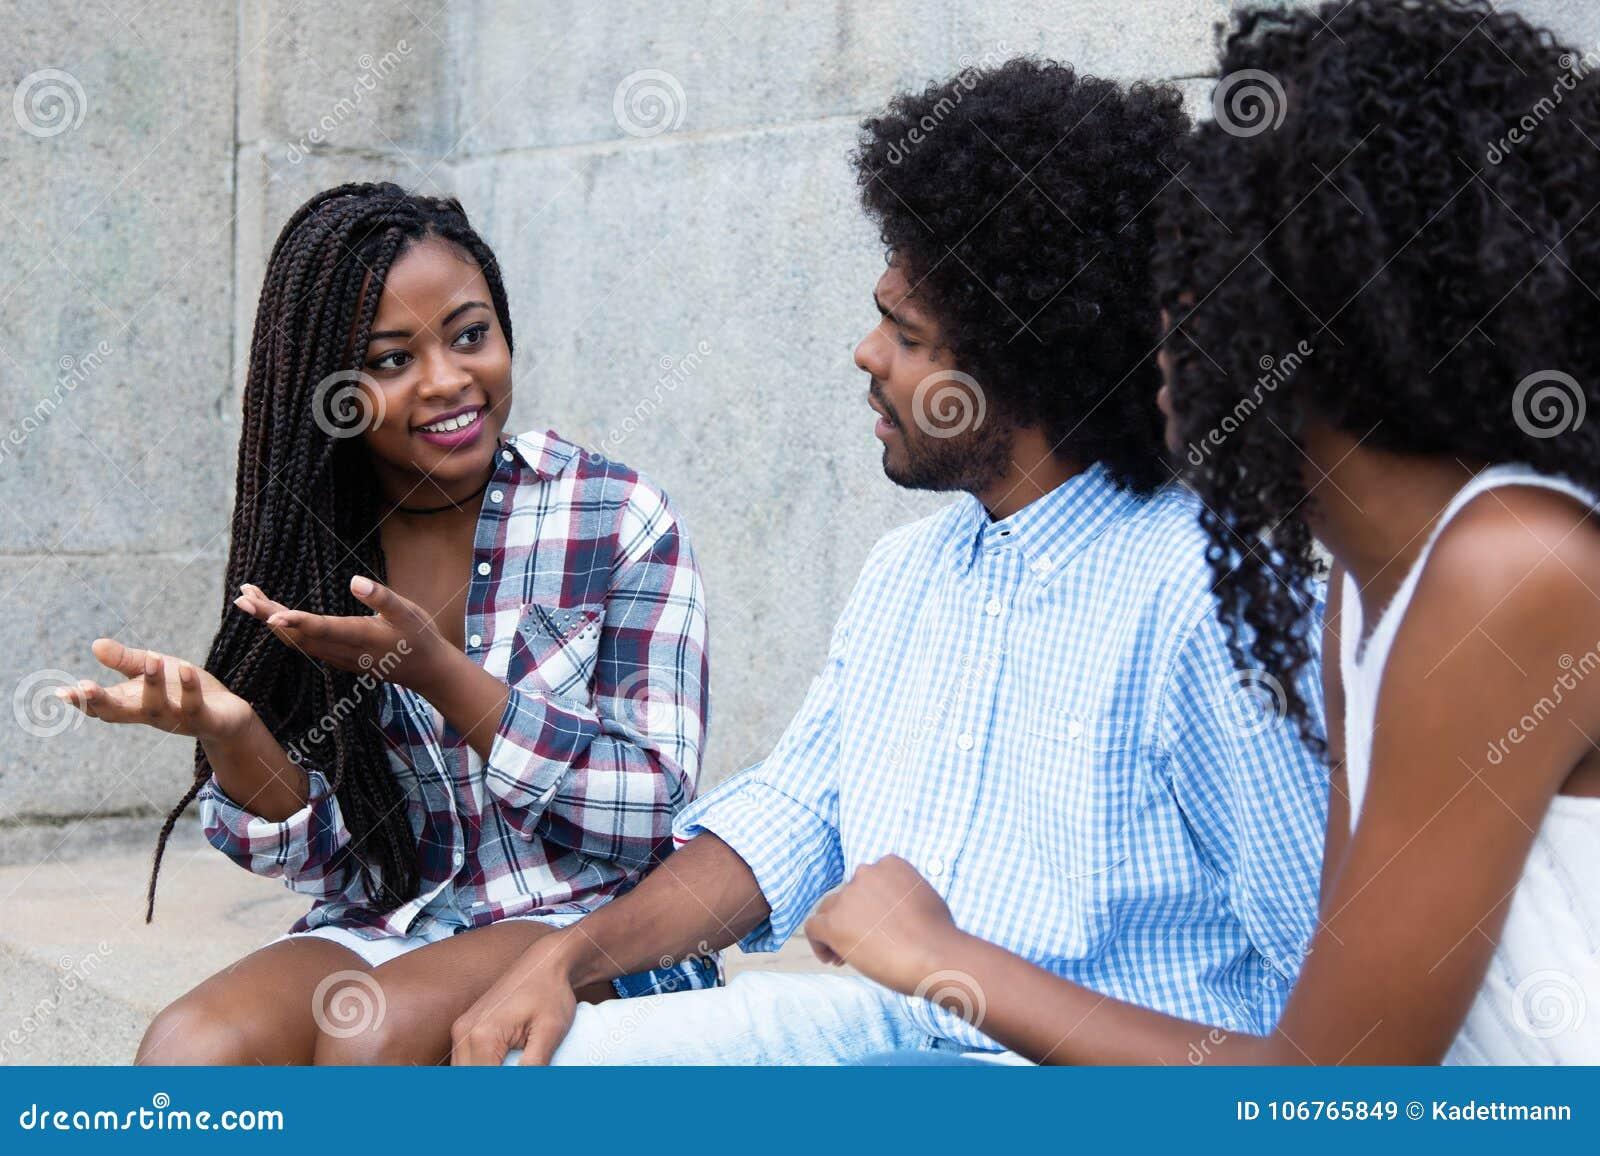 datazione di una donna afroamericana HIV datazione Topix